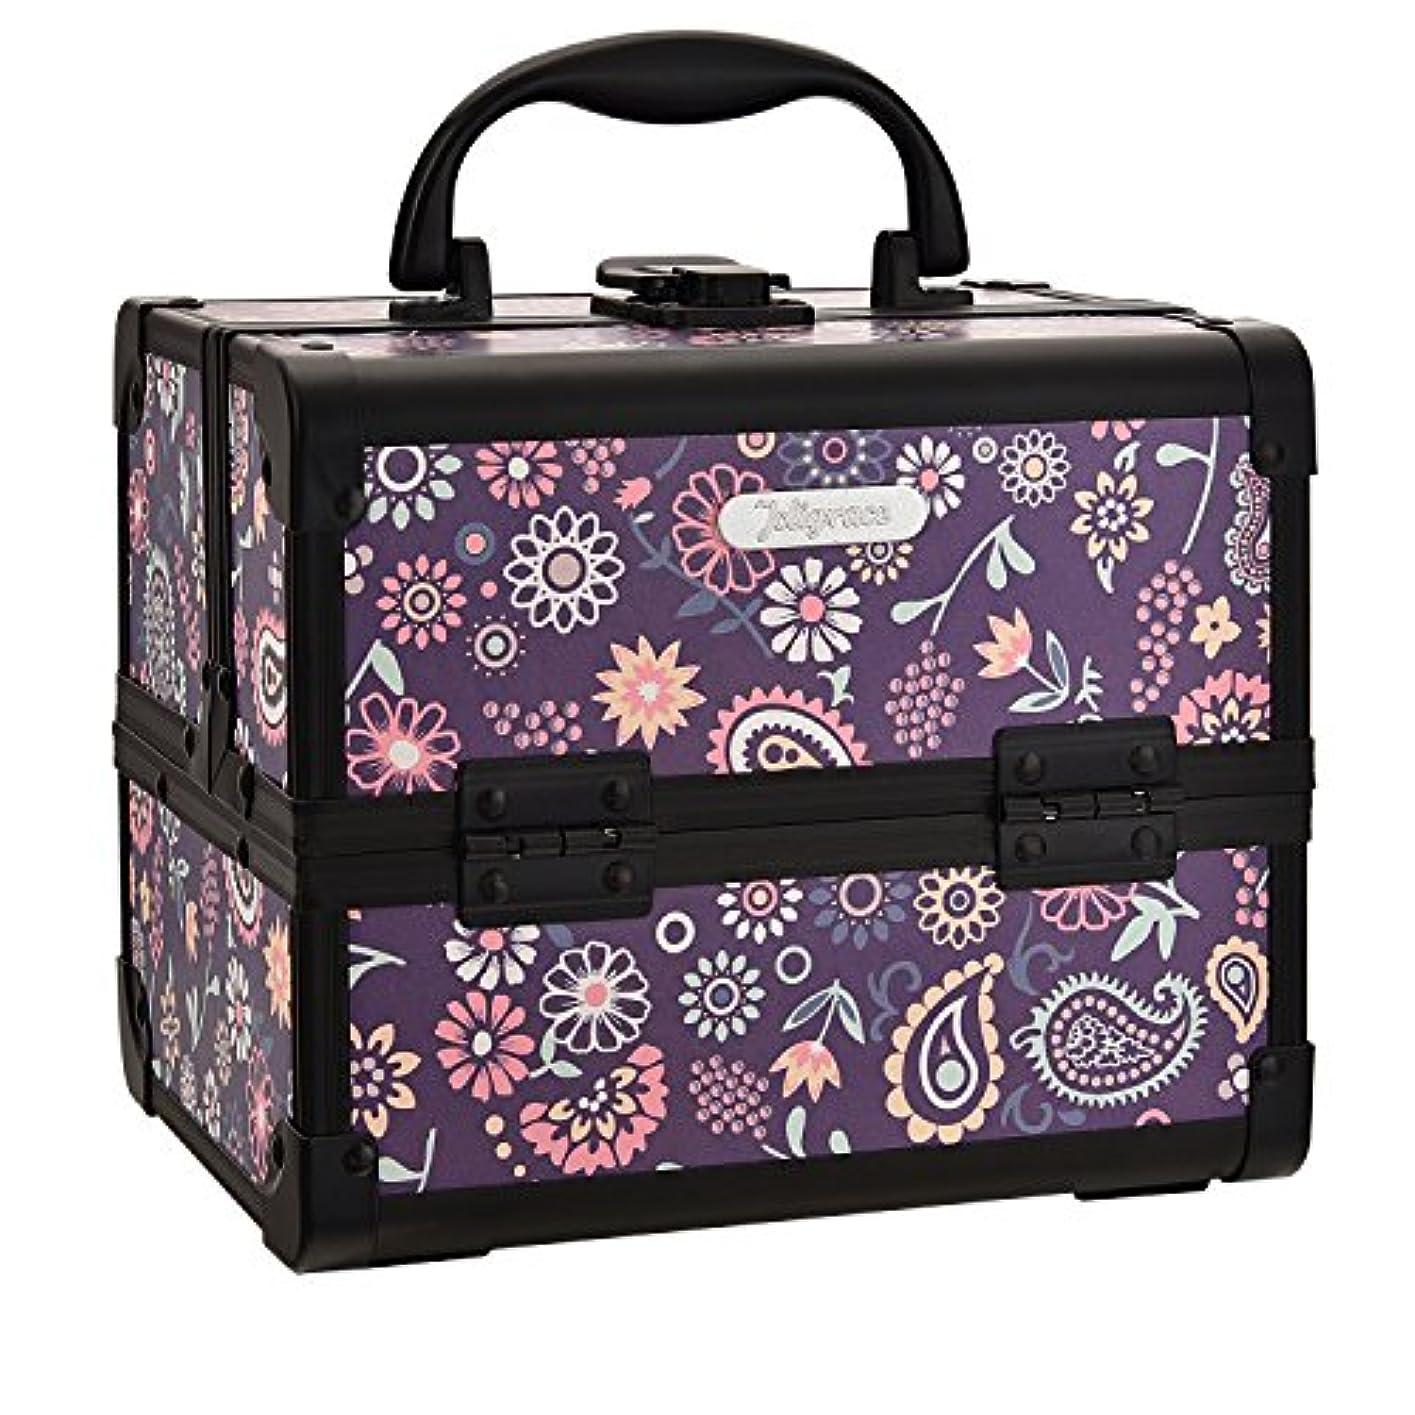 縁石器官もちろんHapilife コスメボックス 鏡付き スライドトレイ メイク用品収納 プロ仕様 小型 化粧箱 ピンク(紫の花)